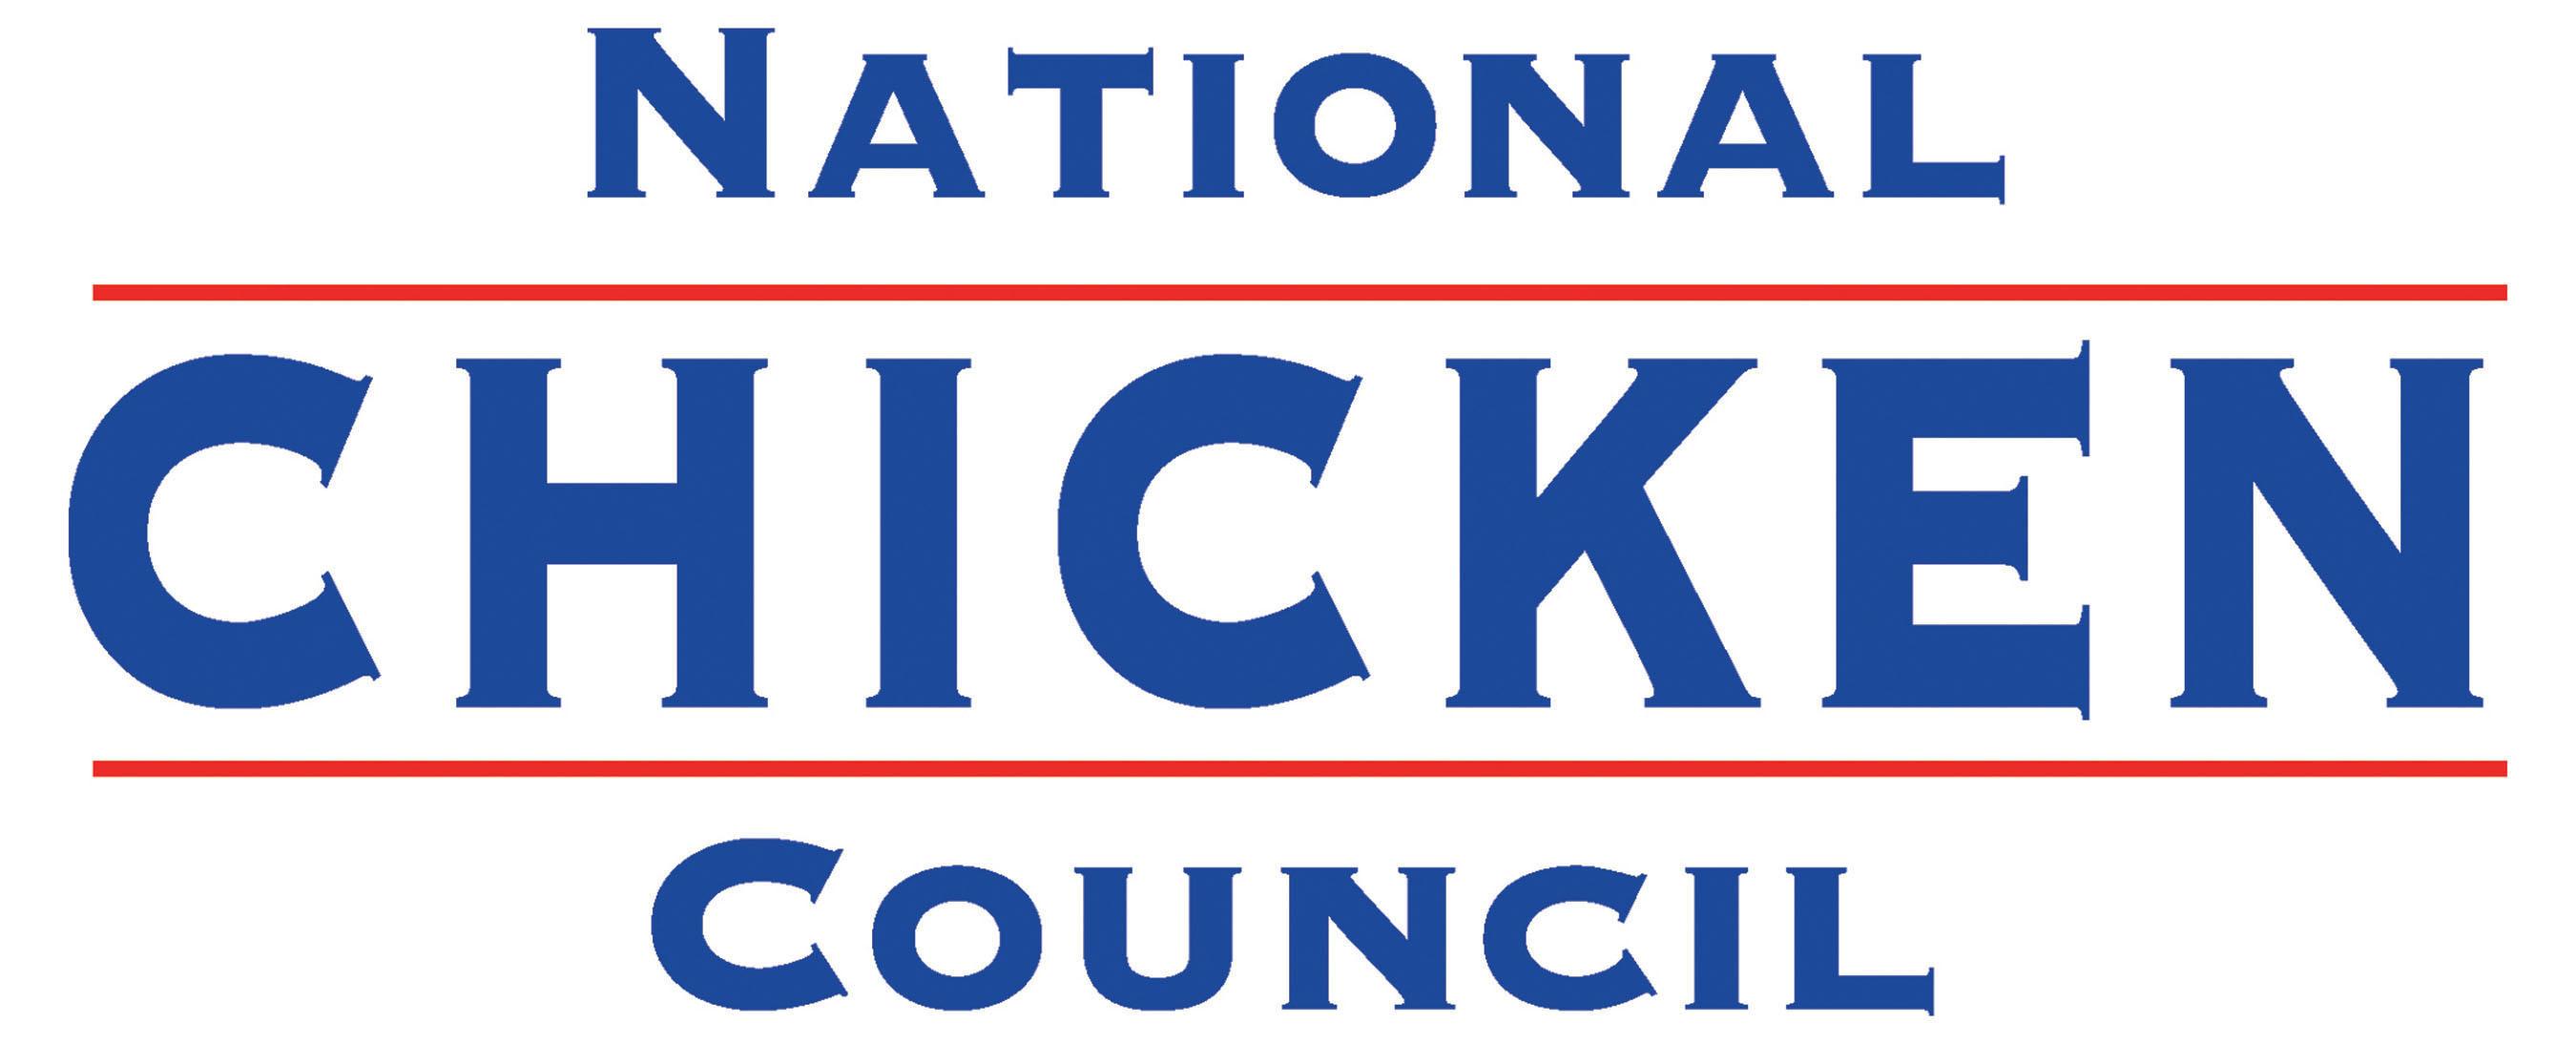 National Chicken Council Logo.